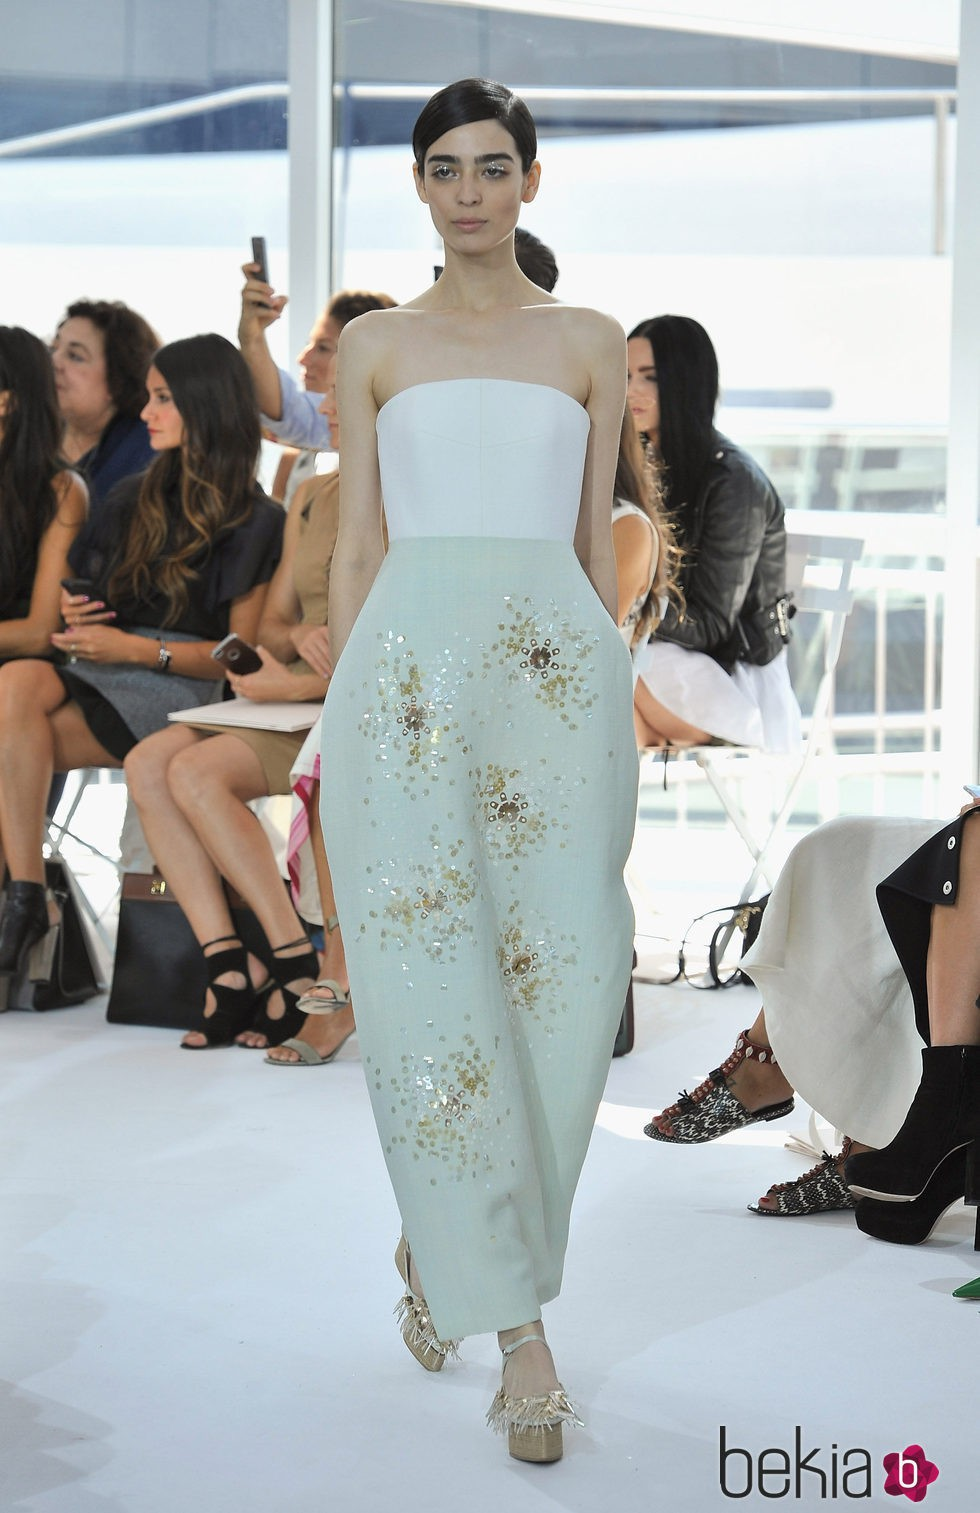 Vestido largo jesus del pozo fashion – Spain Art Vestidos